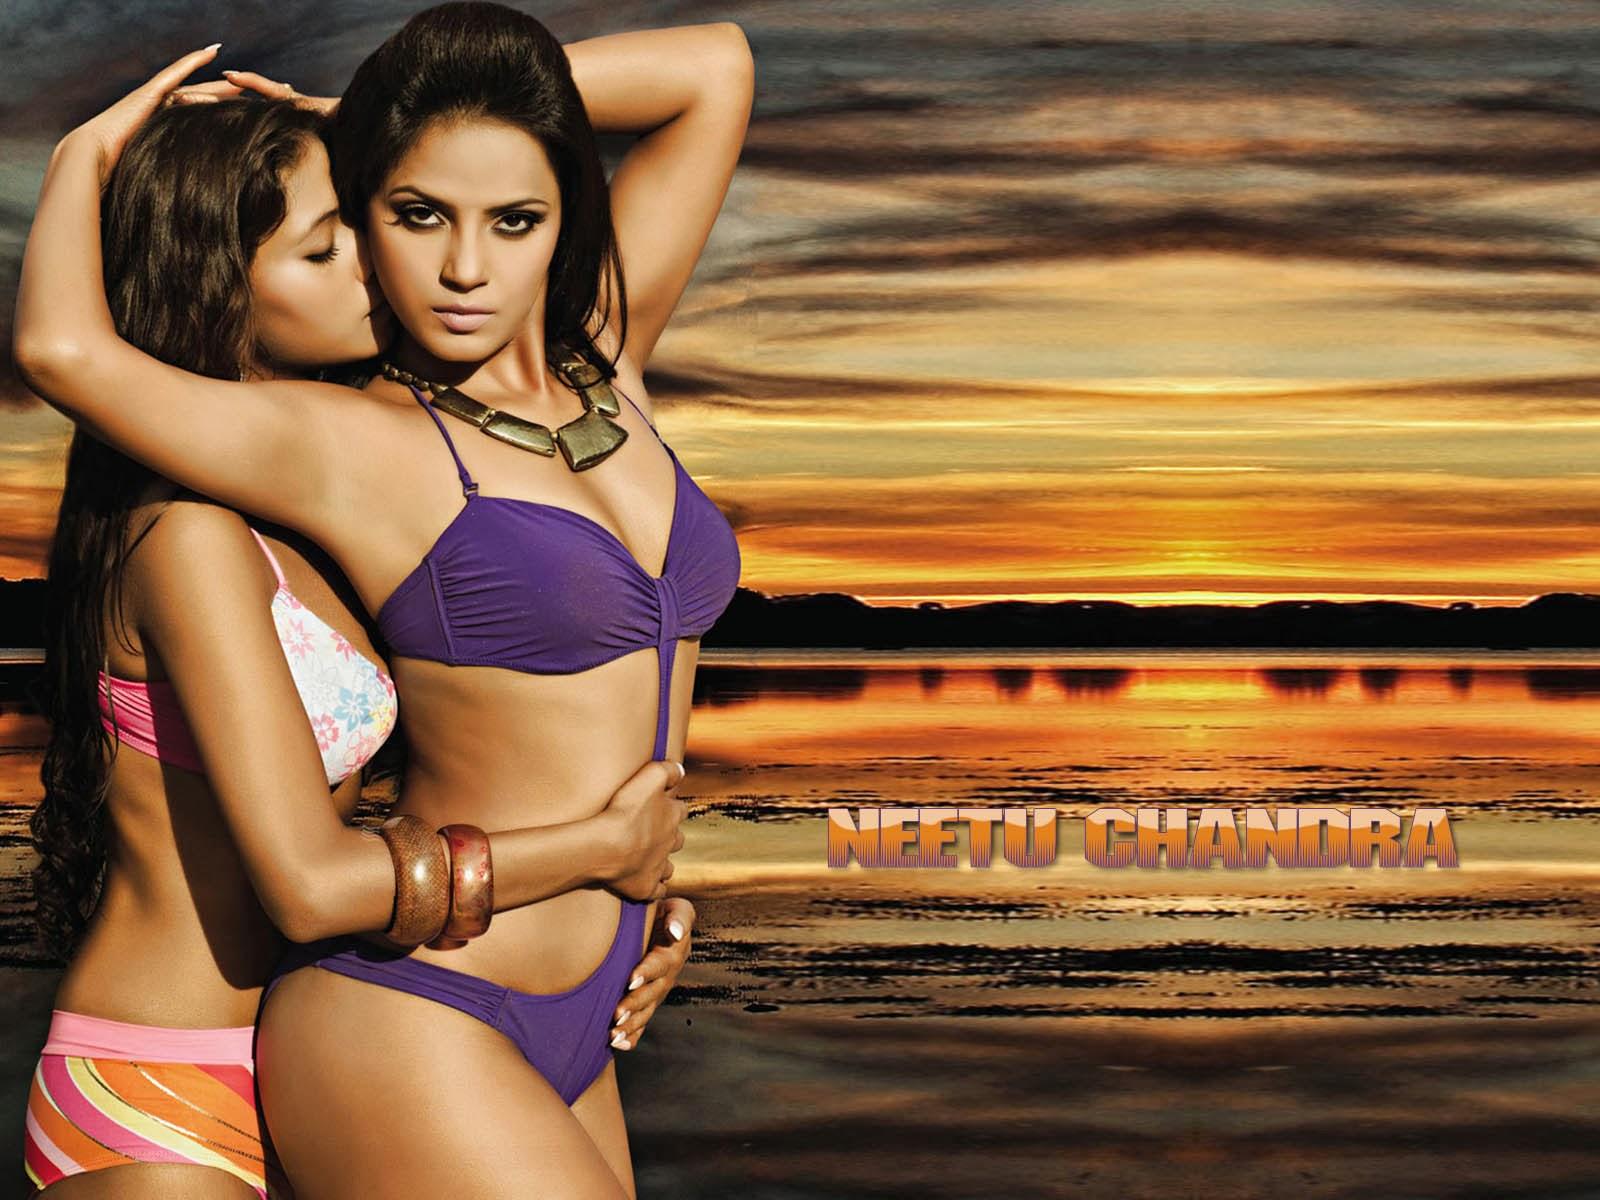 Bipasha Basu: Neetu Chandra Hot HQ Bikini Wallpapers